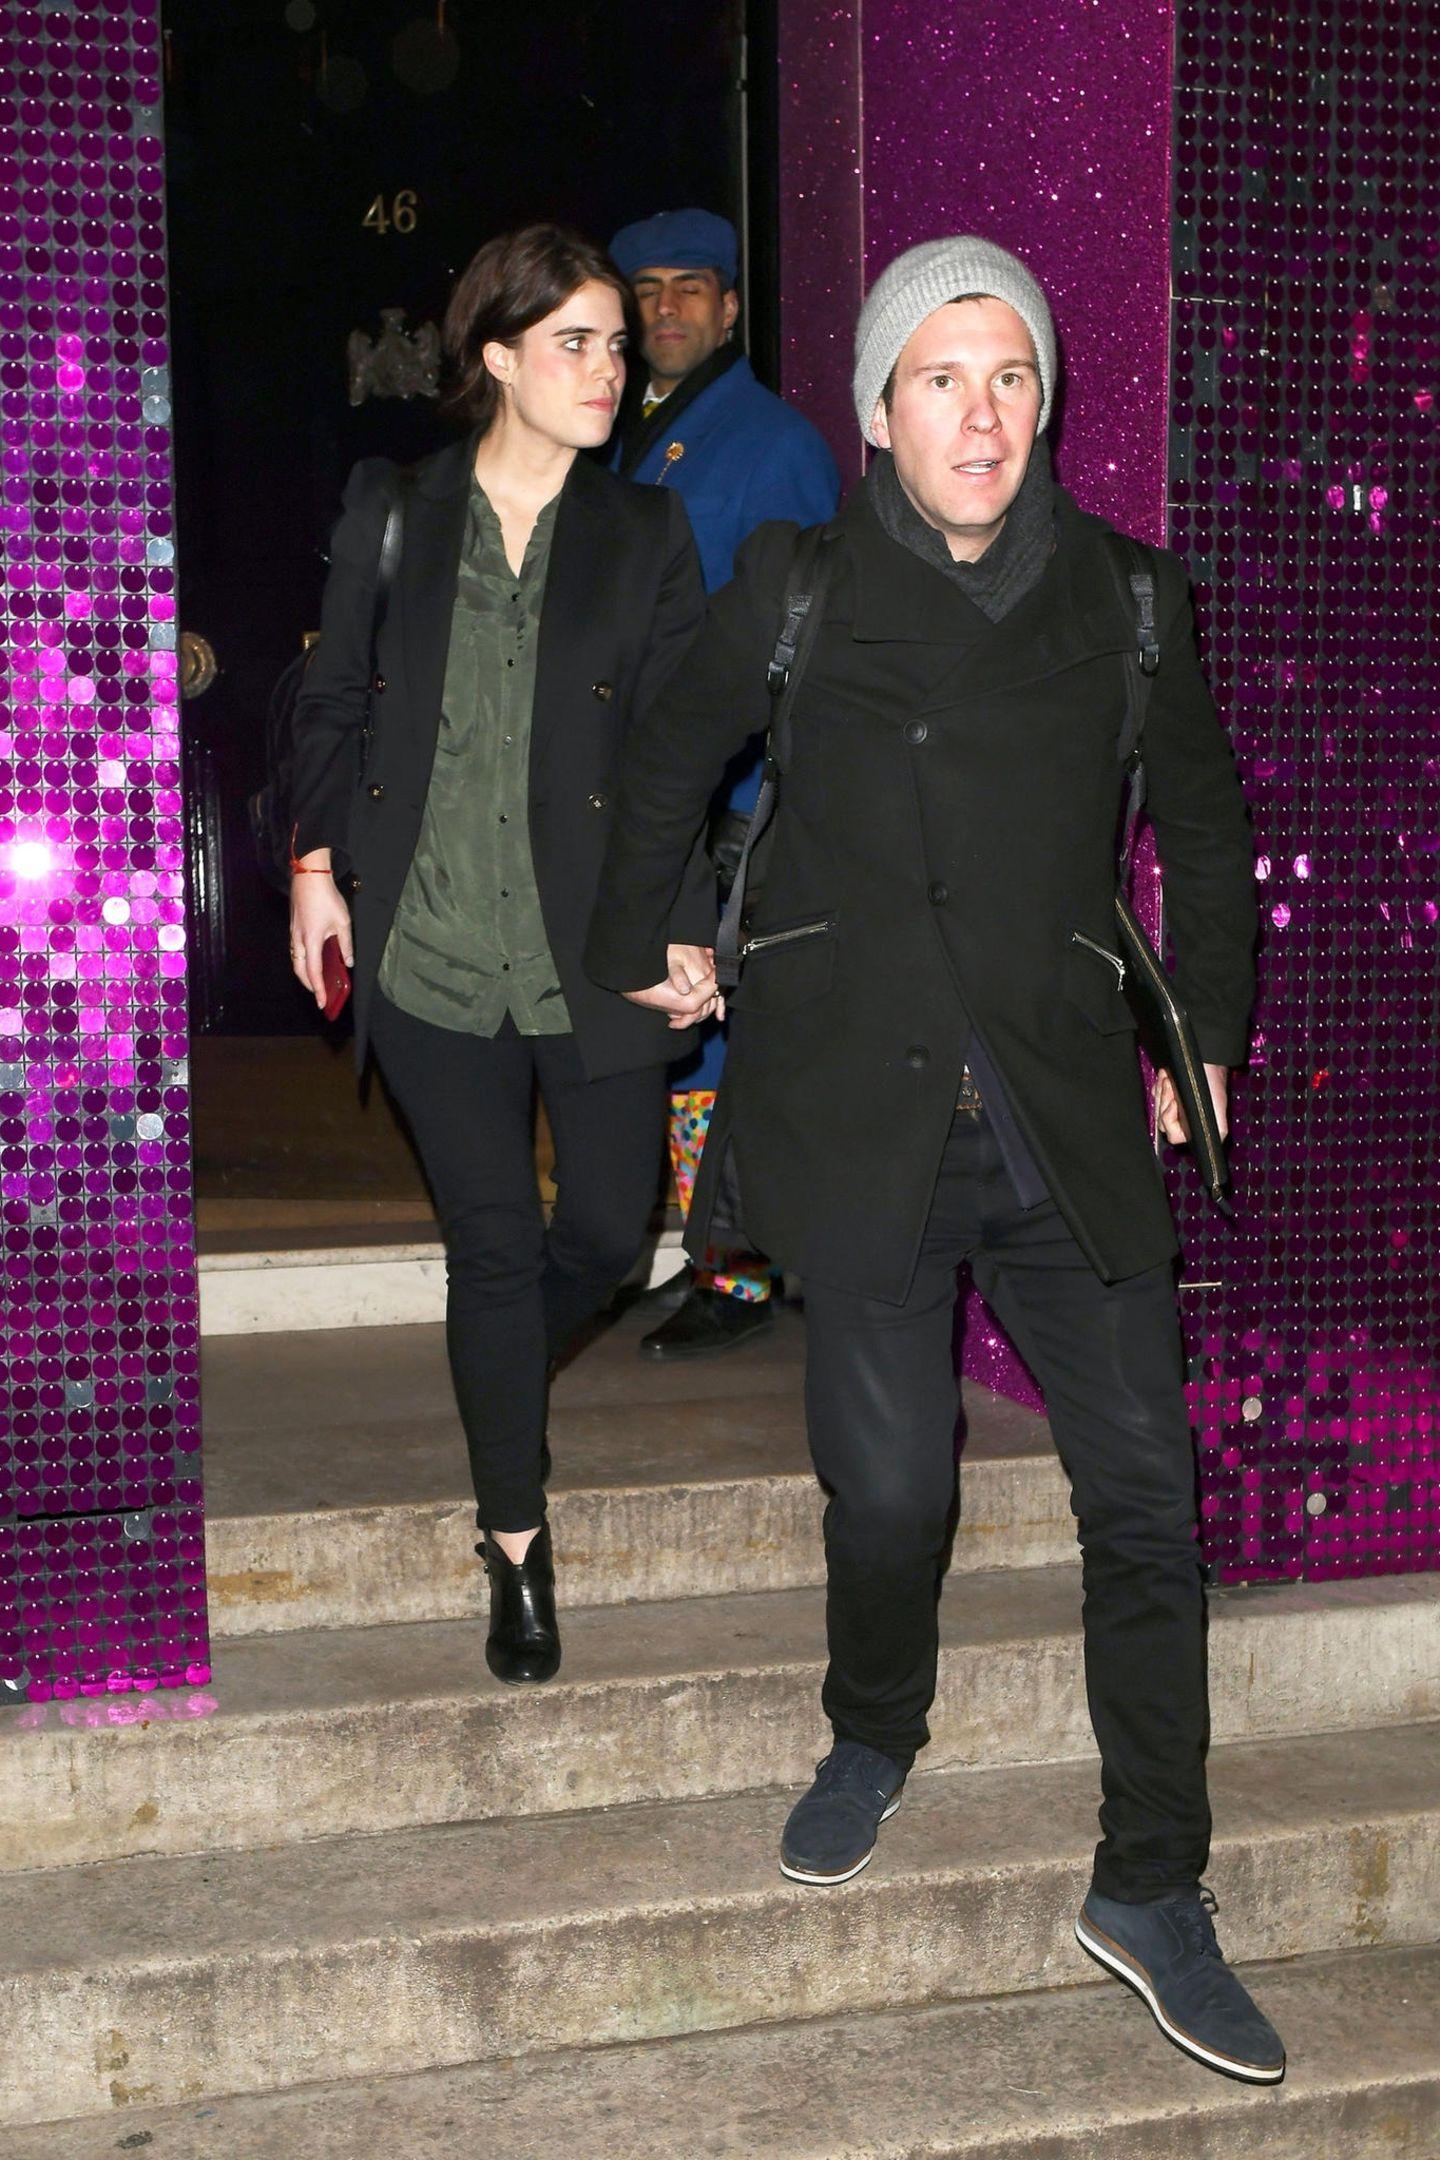 Prinzessin Eugenie und Ehemann Jack Brooksbank beim Verlassen des Londoner Clubs Annabel's. Wir mussten zugegebenermaßen zweimal hinschauen, denn das Paar ist für royale Verhältnisse wirklich sehr casual unterwegs. Ein Look, den man von den meisten Mitgliedern des britischen Königshauses nicht gewohnt ist. Umso erfrischender ist zu sehen, wie bodenständig eine Prinzessin sein kann.